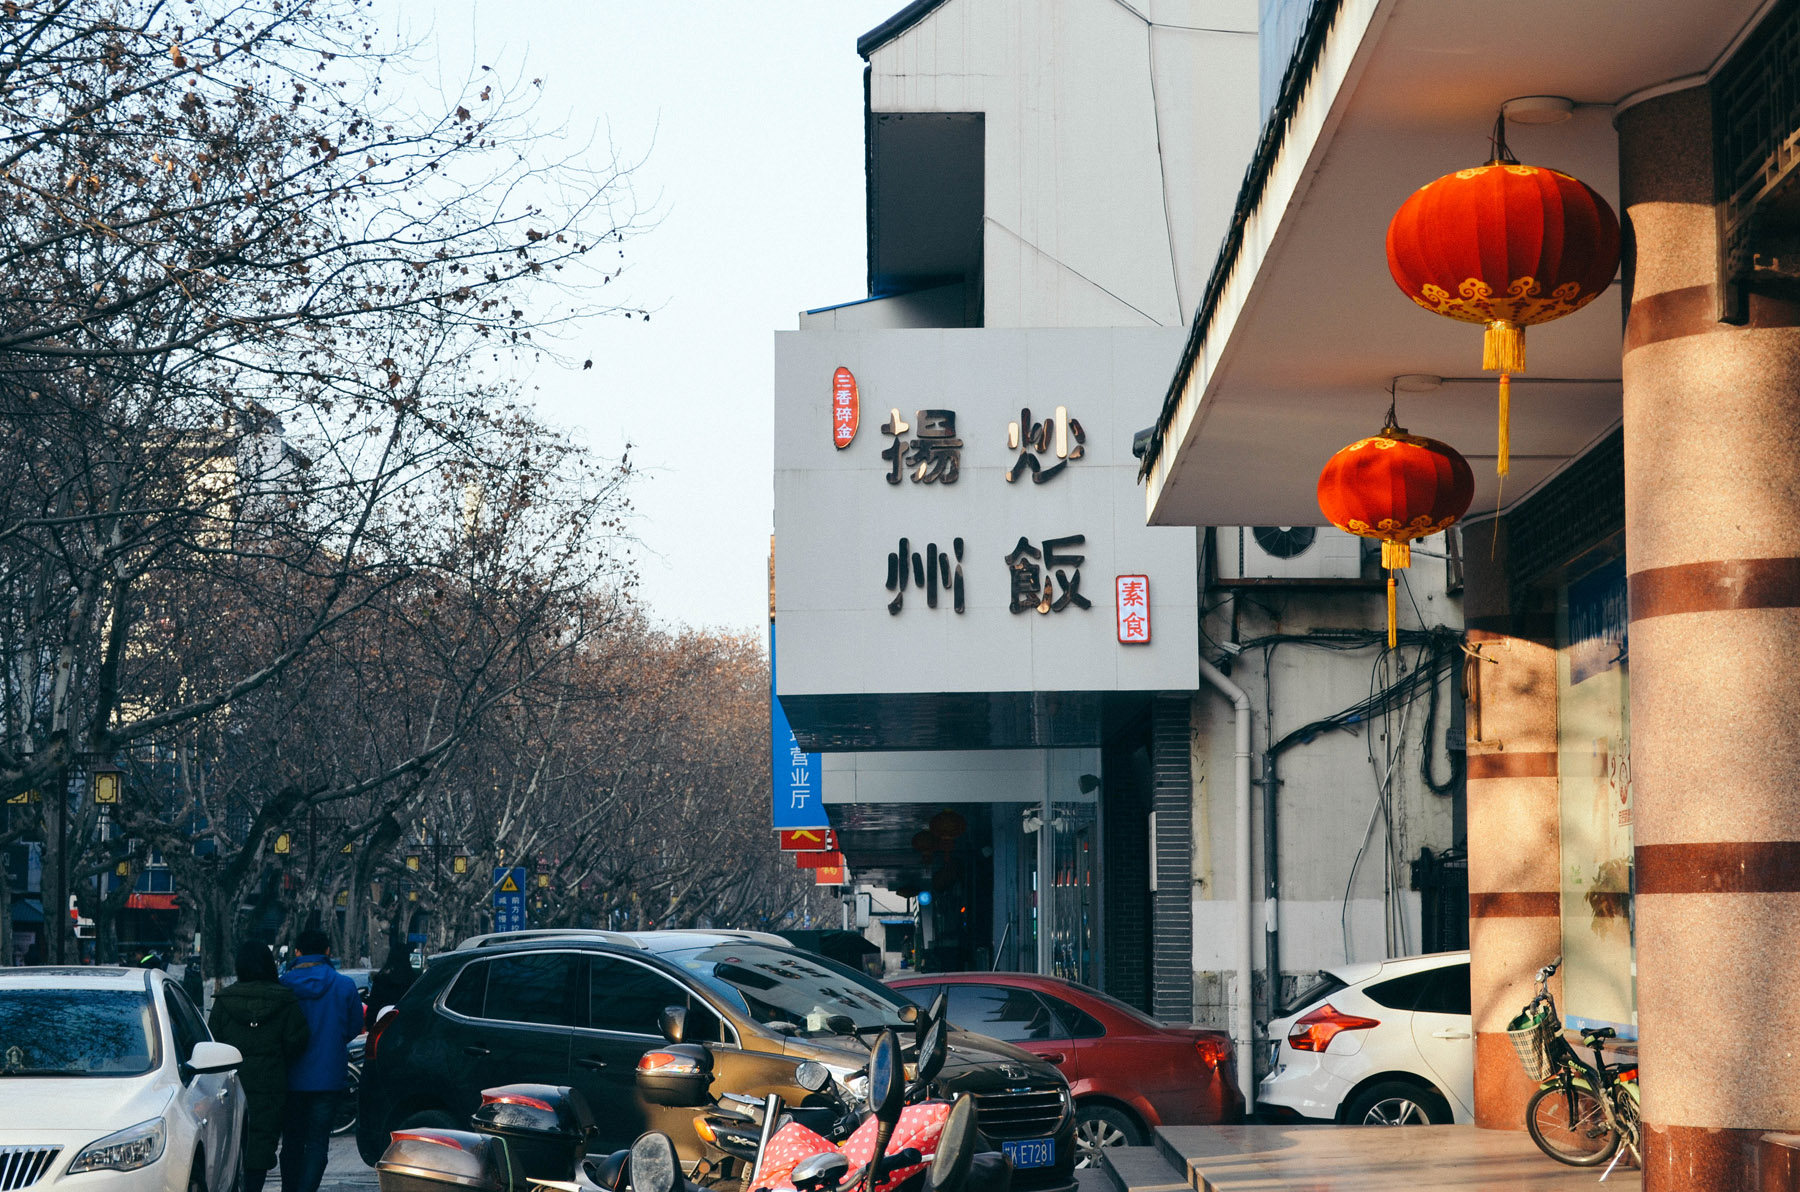 yangzhou-fried-rice-restaurant_23801957853_o